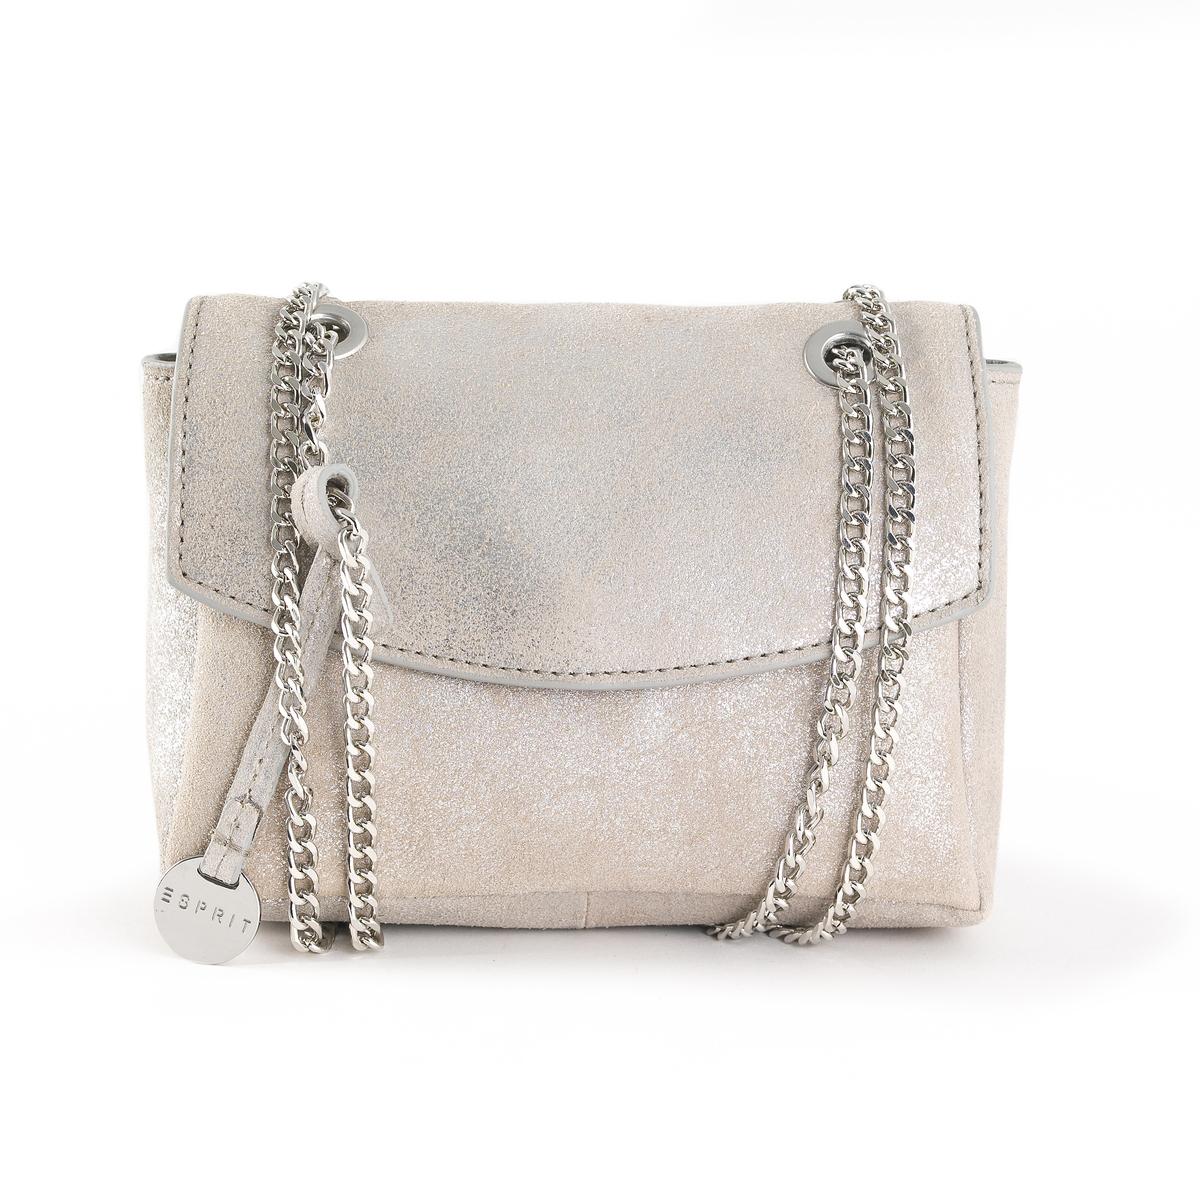 Сумка с ручками кожаная с радужным отливомКожаная сумка с ручками с радужным отливом, Chain Leather Bag от Esprit.Модный дизайн, красивая кожа с радужным отливом, цепочка для изящного внешнего вида : замечательная сумка для прогулок ! Состав и описаниеМатериал : яловичная кожа                 подкладка из полиэстераМарка : EspritРазмеры : 18 x 14 x 6 см    Застежка :  кнопка на магните  Внутренний карман.Носить через плечо или в руках.<br><br>Цвет: черный